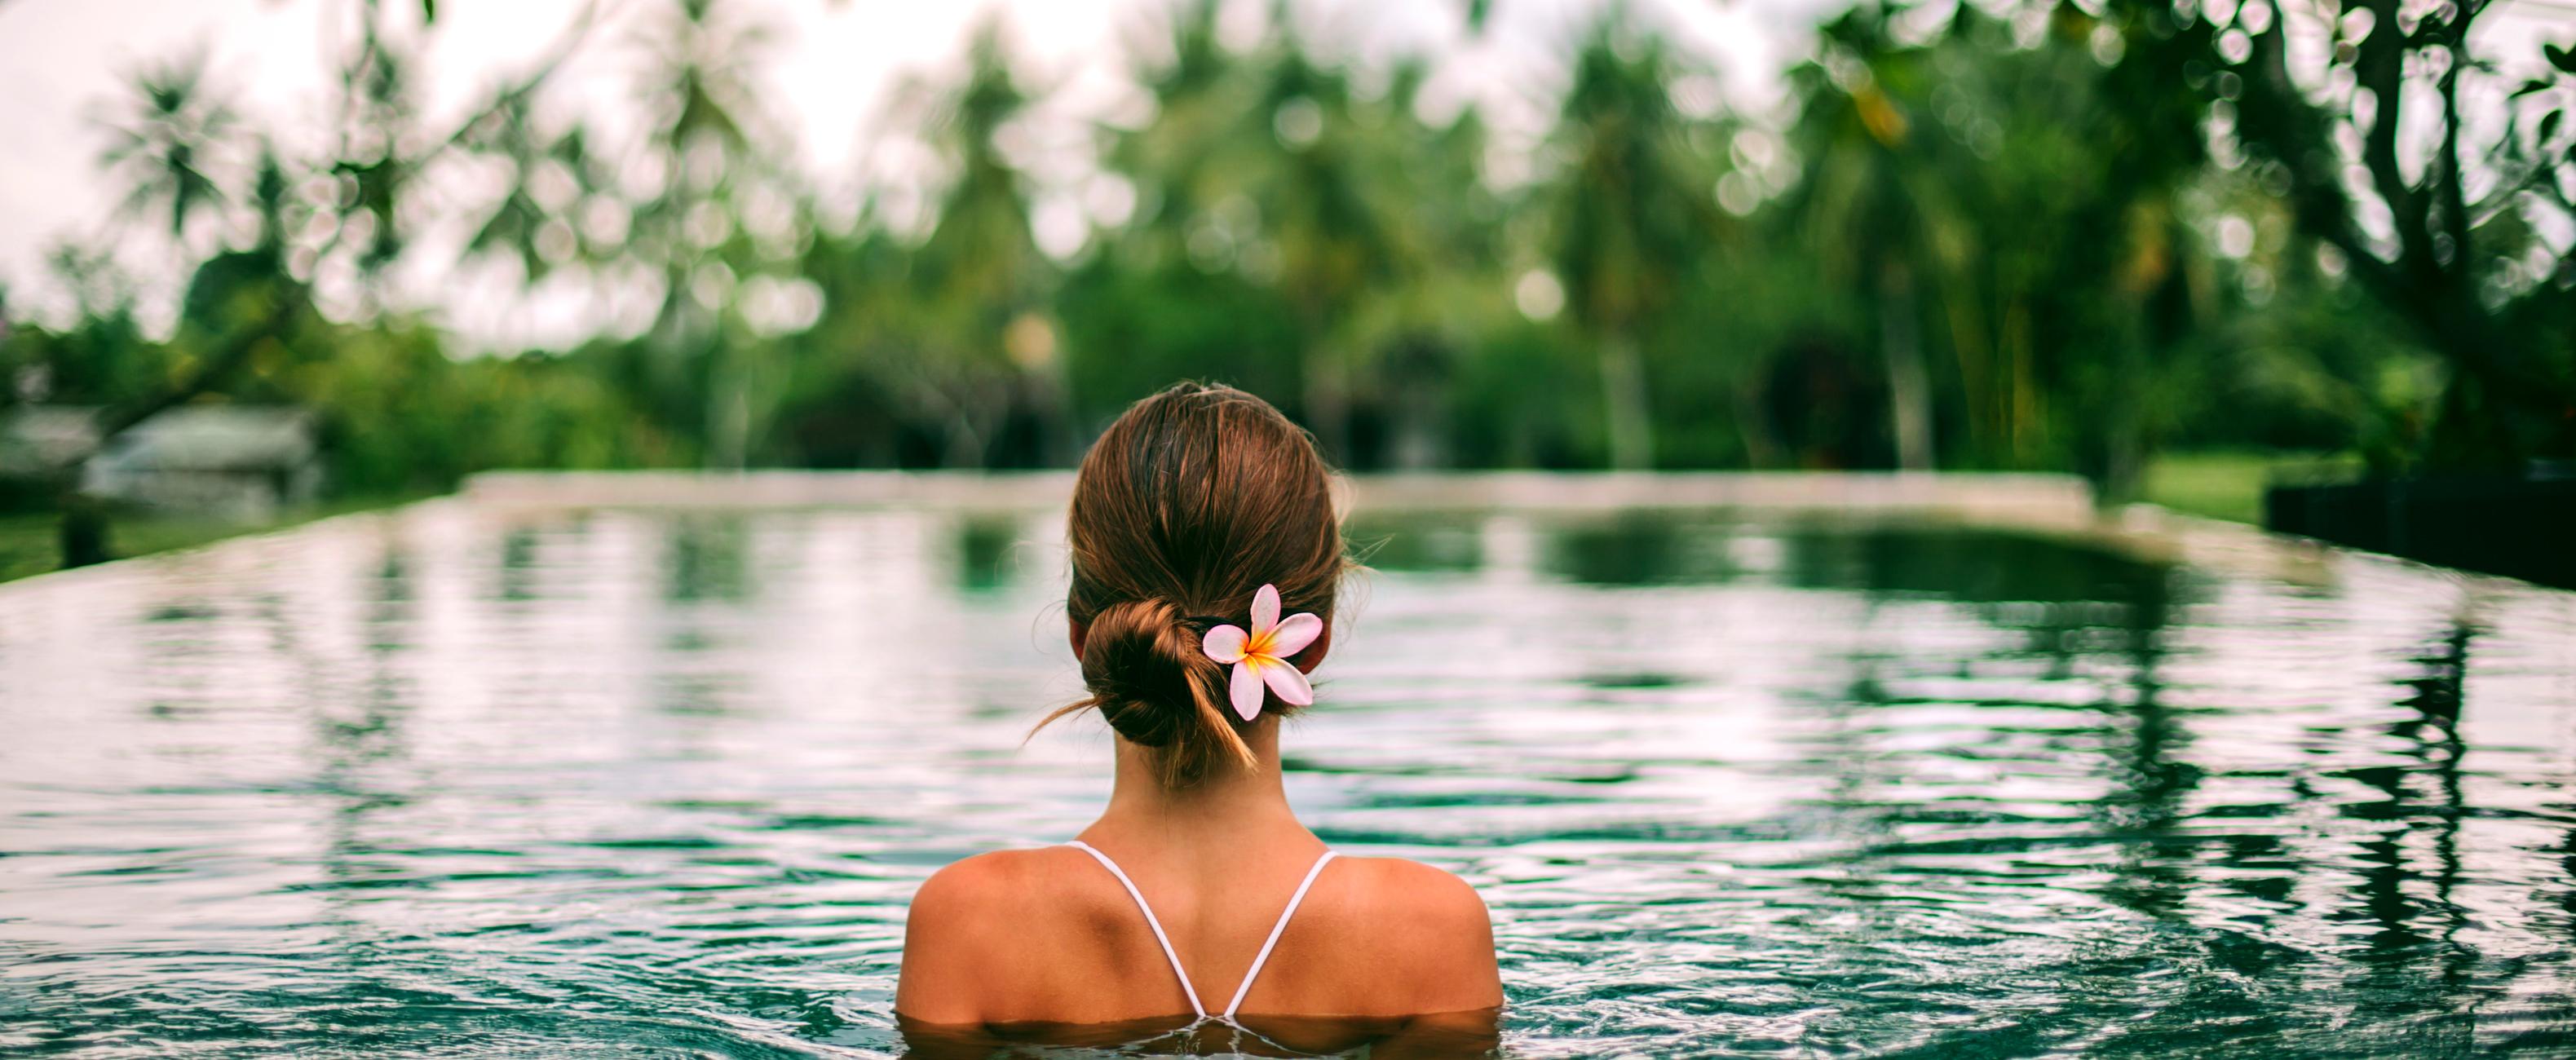 piscina-selva-banner-pc